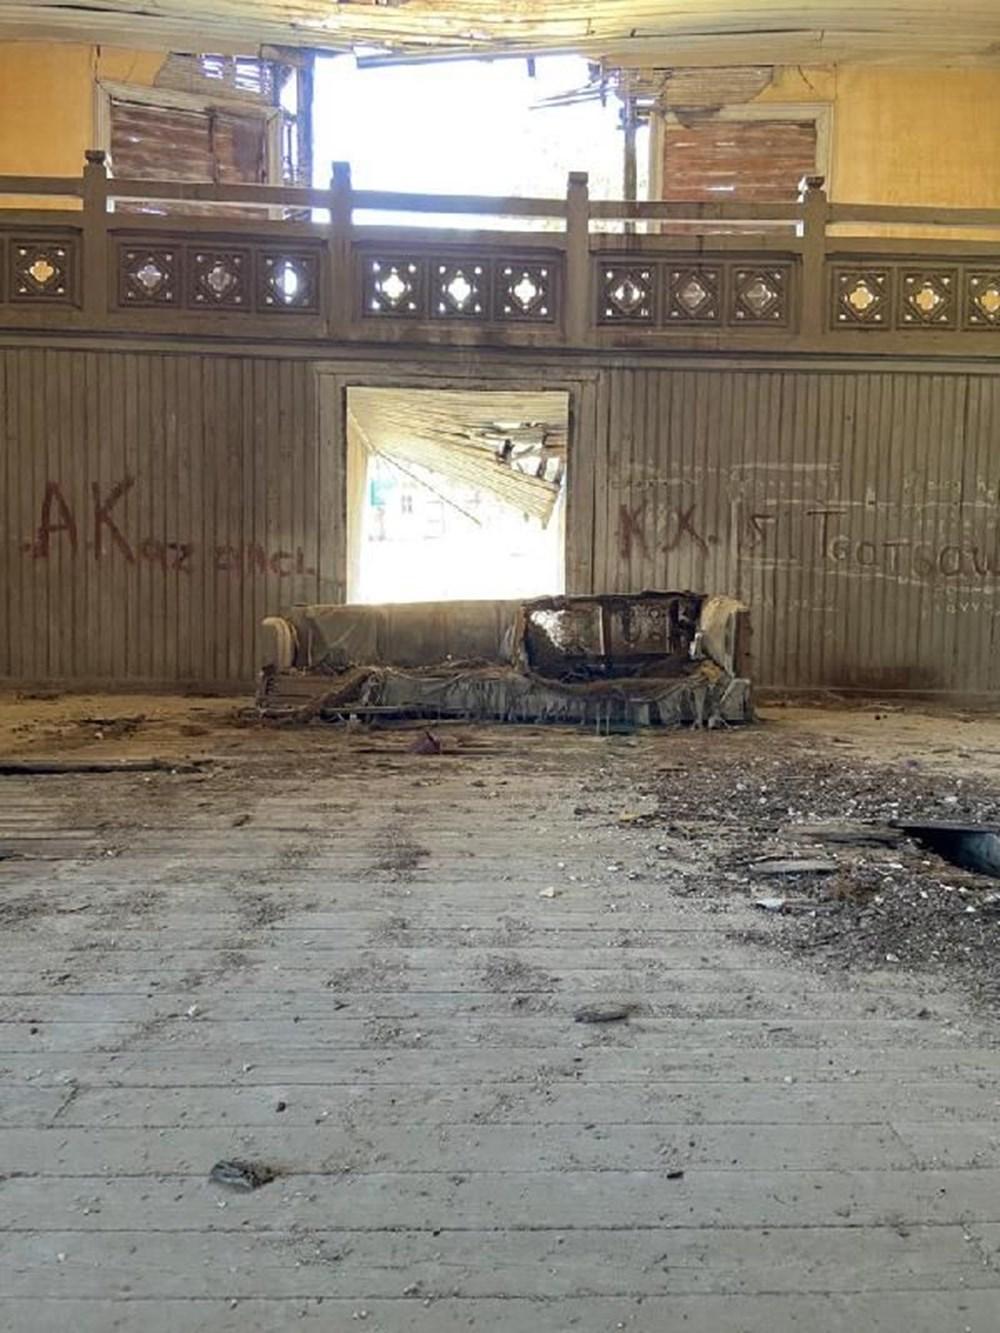 Büyükada Rum Yetimhanesi'nin son hali: İçi görüntülendi - 25